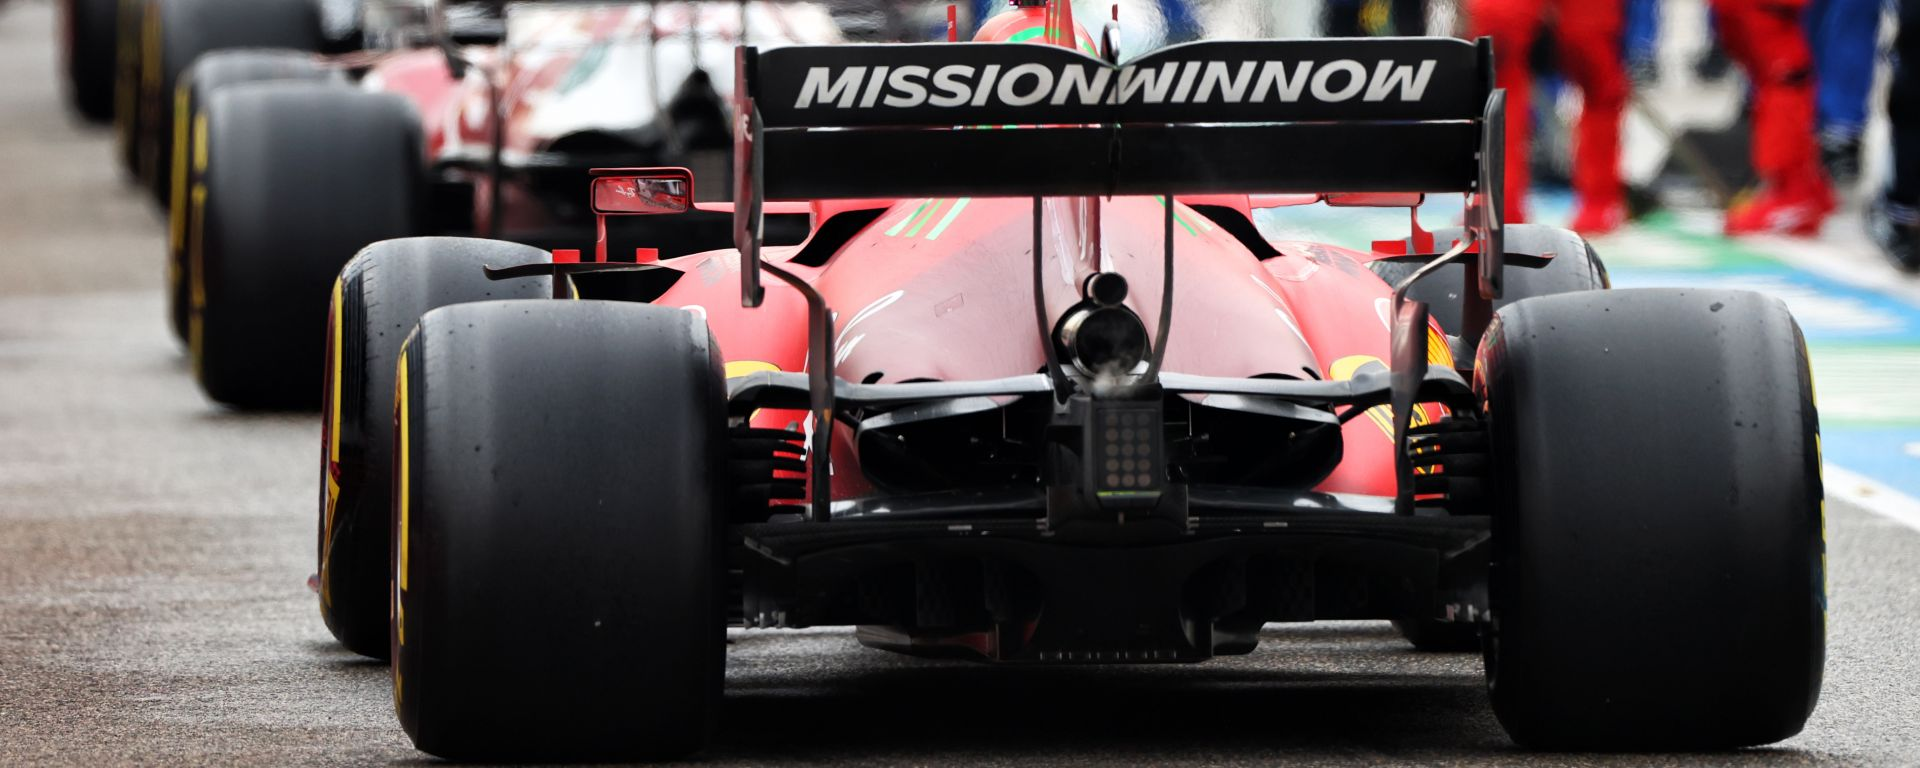 F1 GP Emilia Romagna 2021, Imola: Leclerc (Ferrari) in pit-lane durante la sospensione della gara